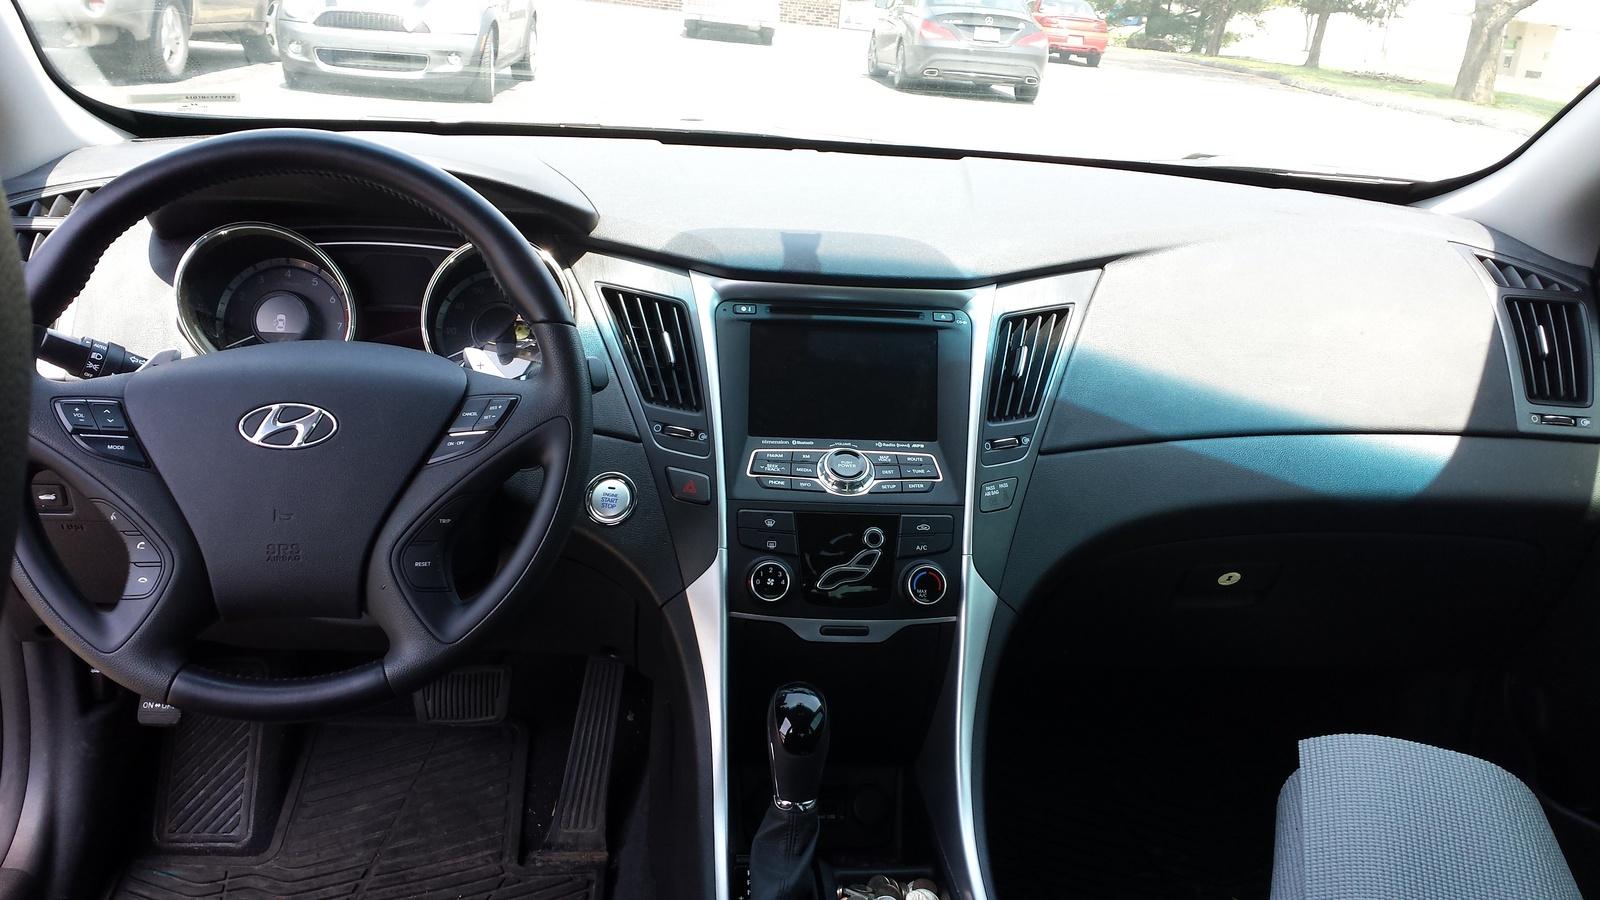 2013 Hyundai Sonata Pictures Cargurus